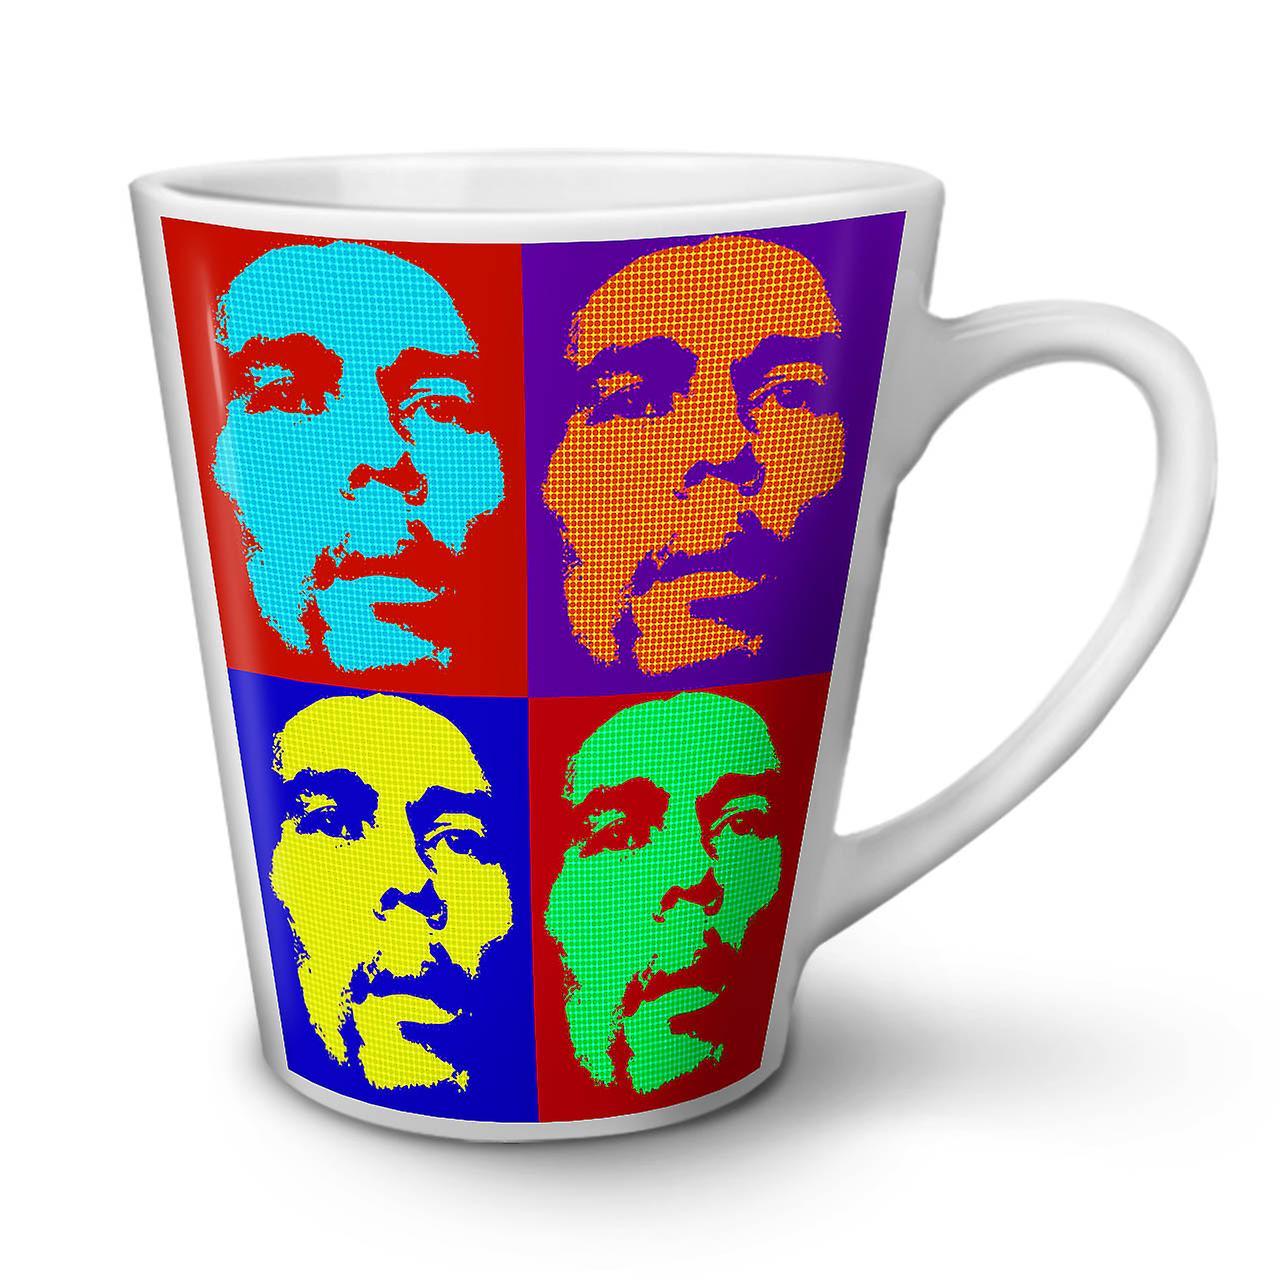 De Nouvelle Latte Thé Café Pot Marley OzWellcoda Célébrité Céramique 12 Star Blanc Tasse En 5RL4jA